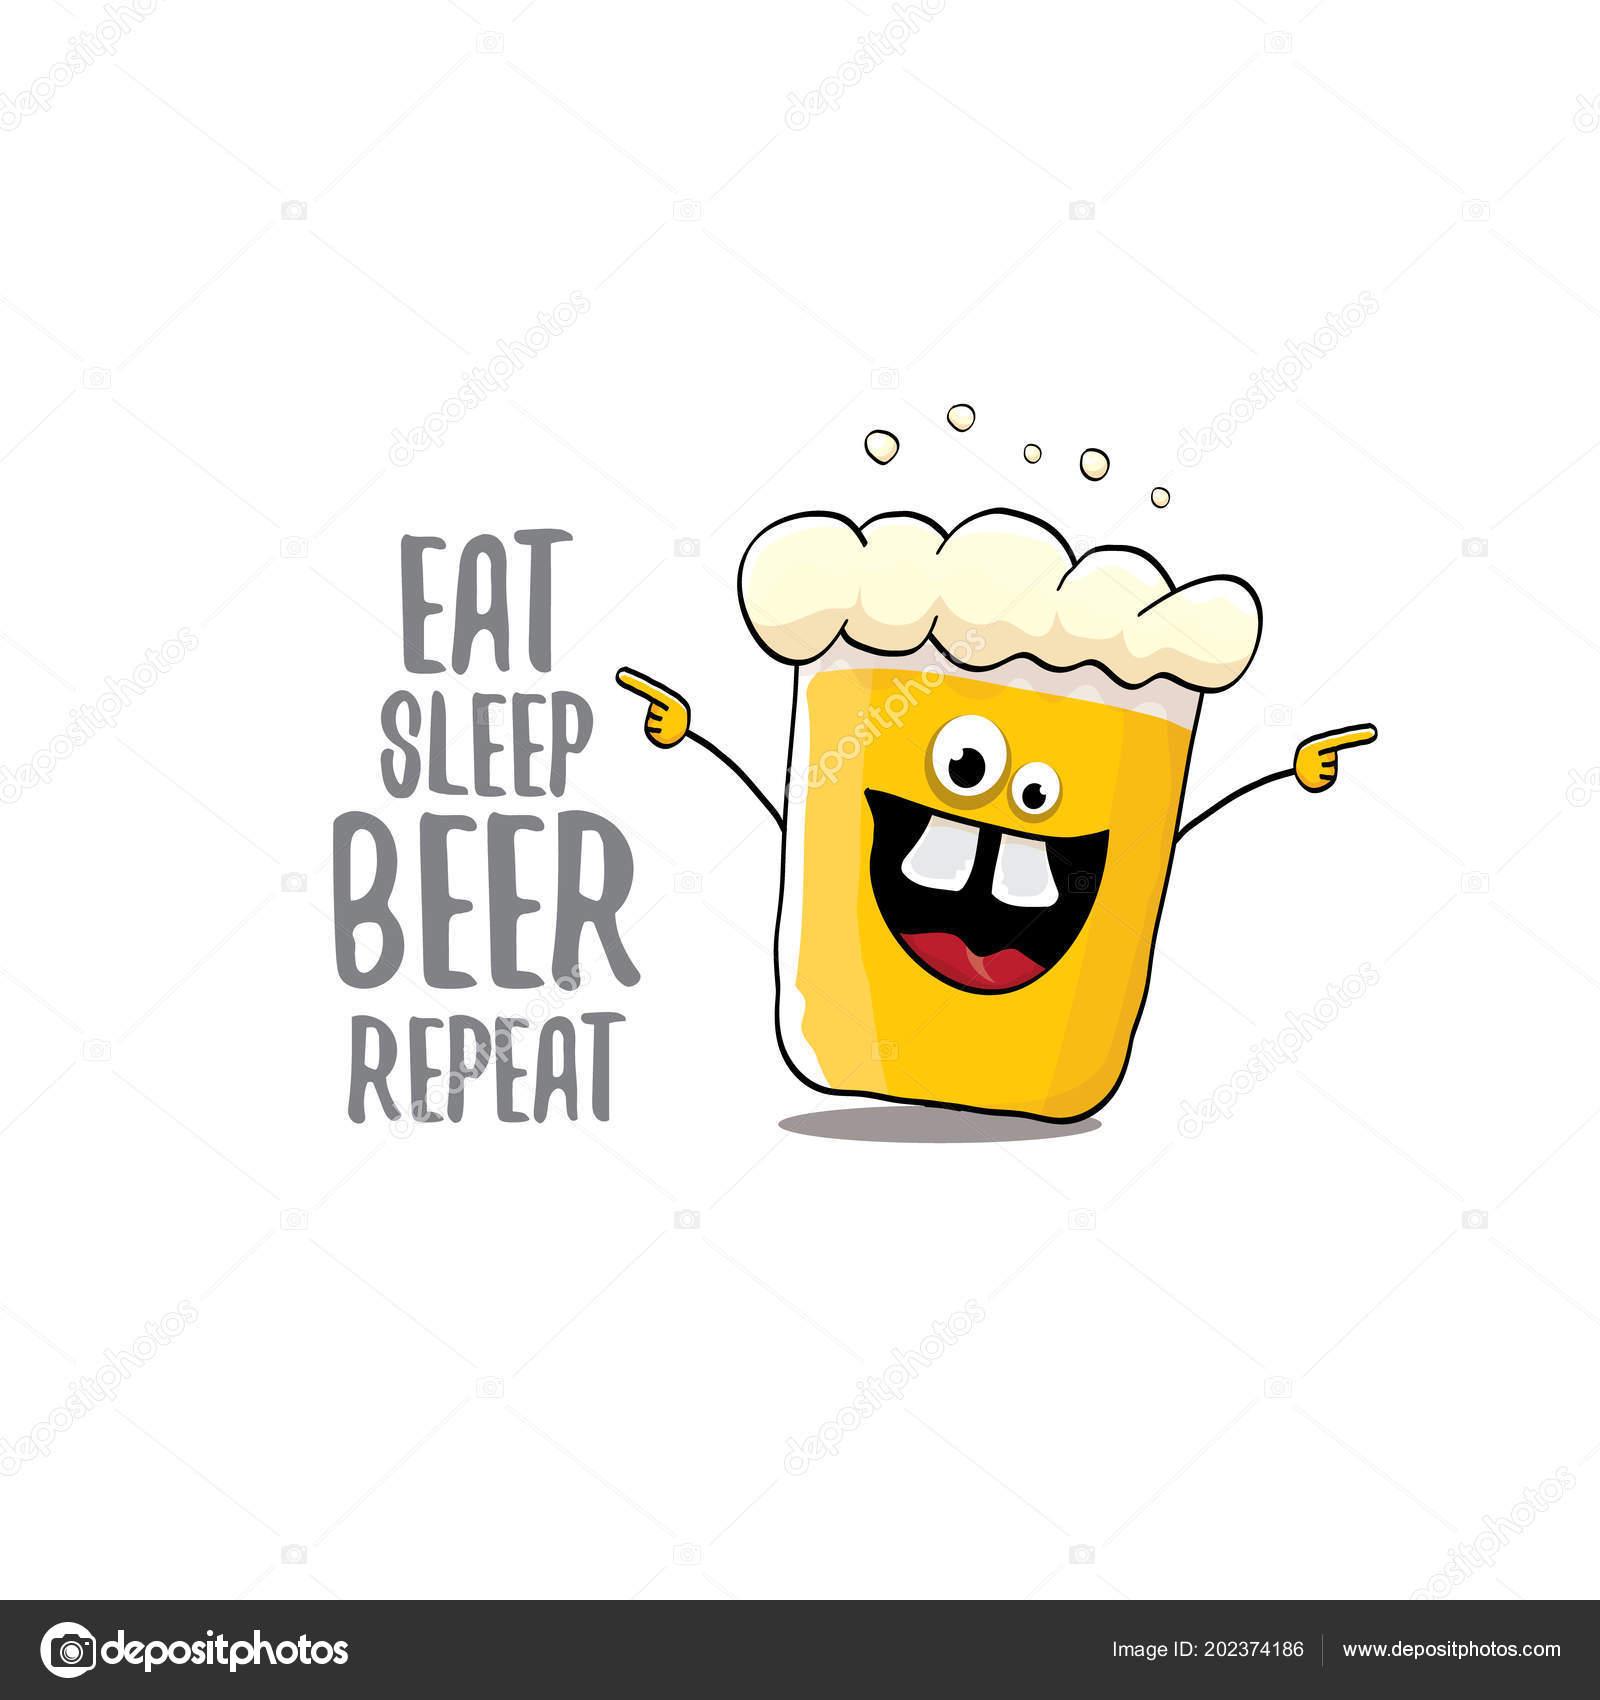 71bd2a3661 Essen Sie Schlaf Bier wiederholen Vektor Konzept Illustration oder Sommer  Plakat. Vektor-funky Bier Charakter mit lustigen Slogan für den Druck am  Abschlag.